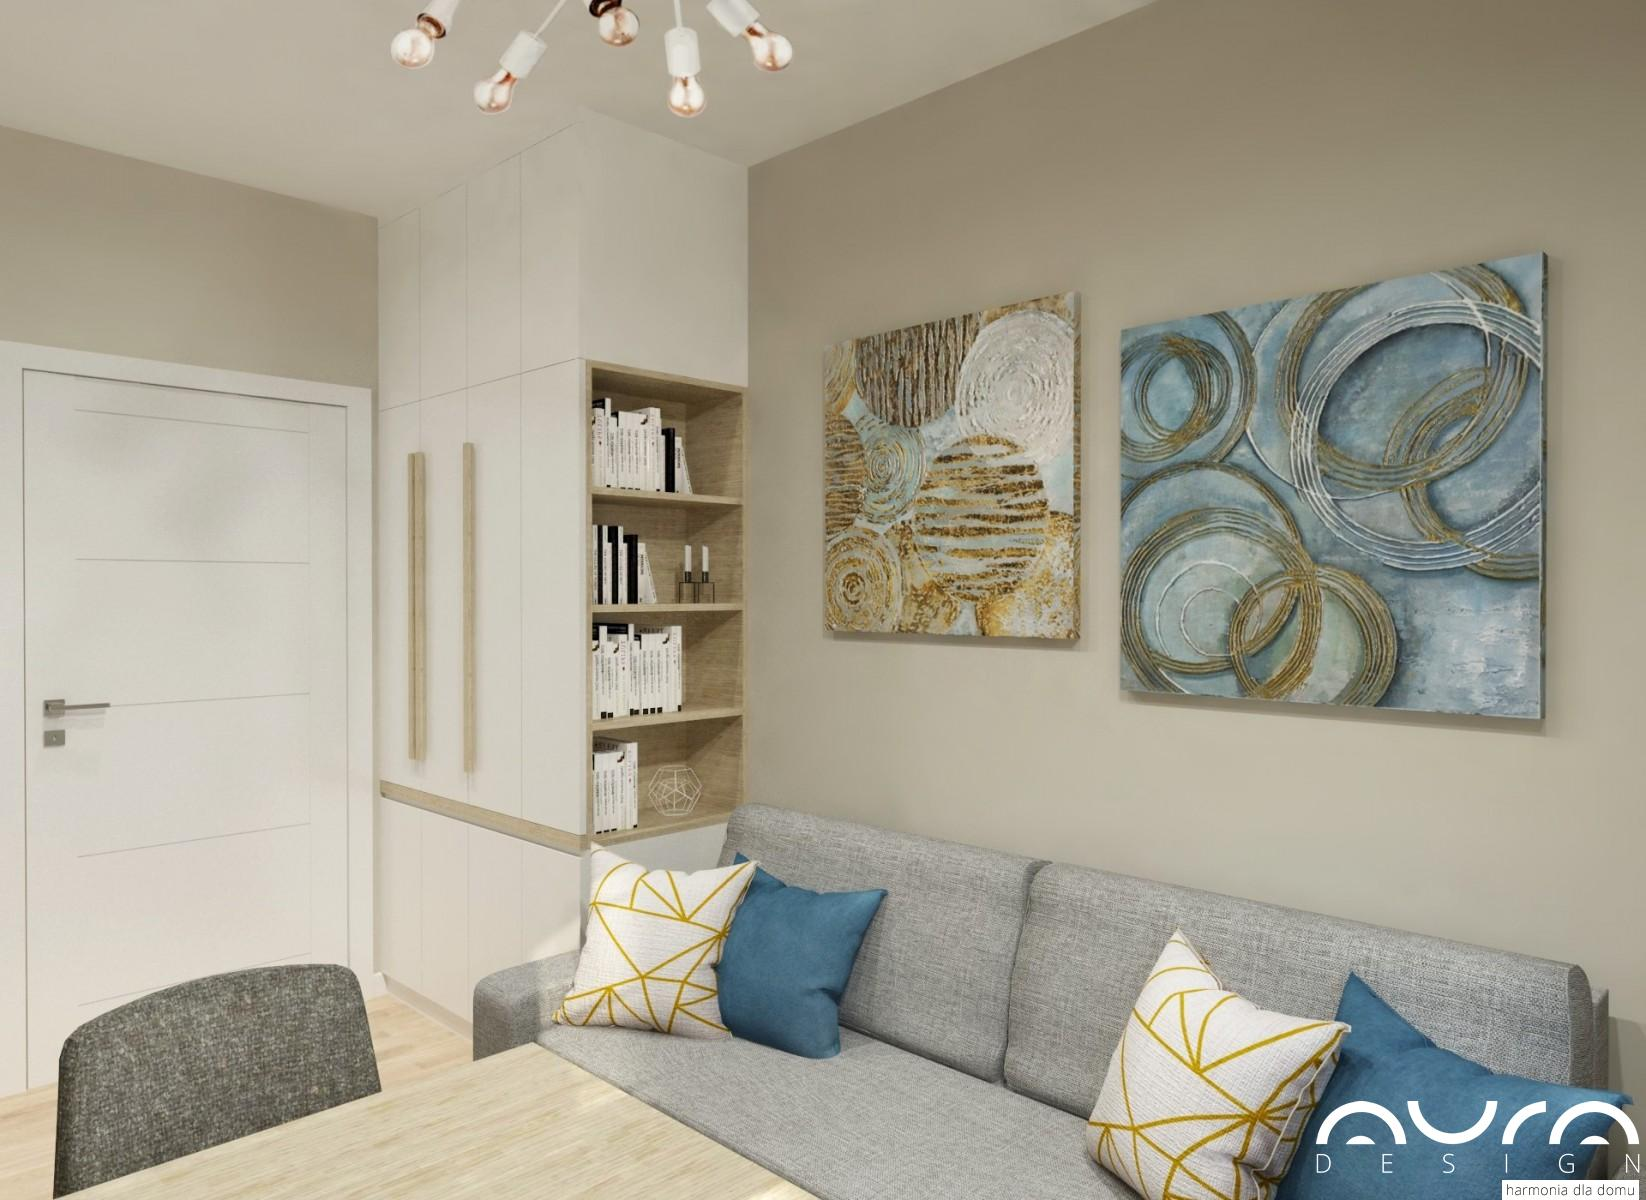 pokój gościnno- biurowy zaprojektowany przez Auradesign.pl